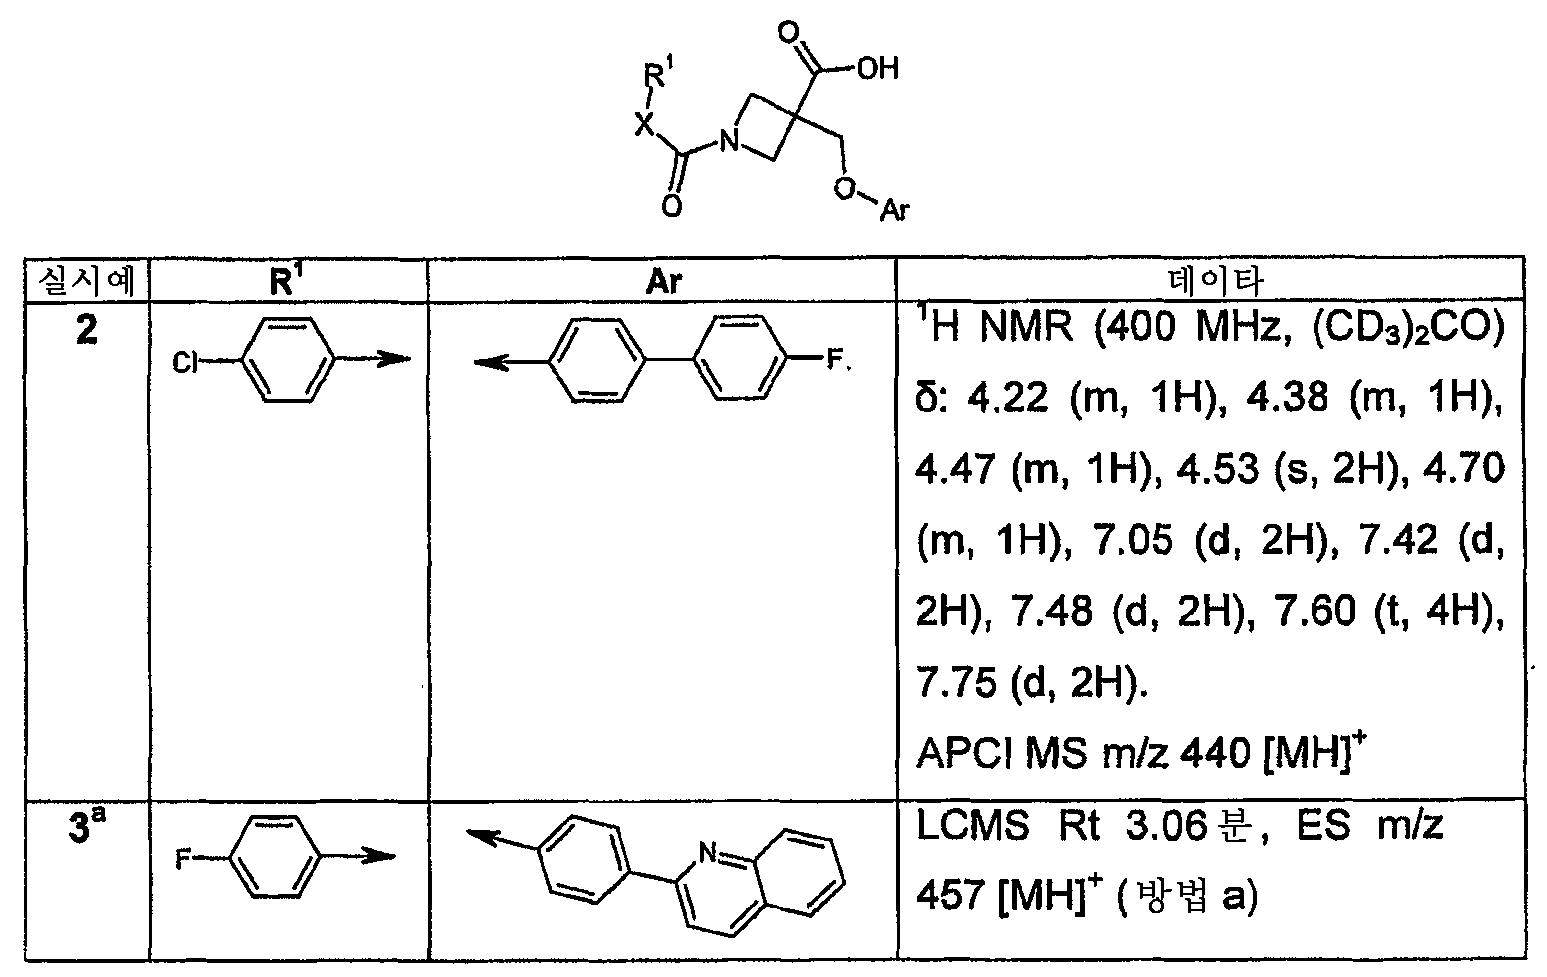 KR20100009582A - Azetidine derivatives and their use as